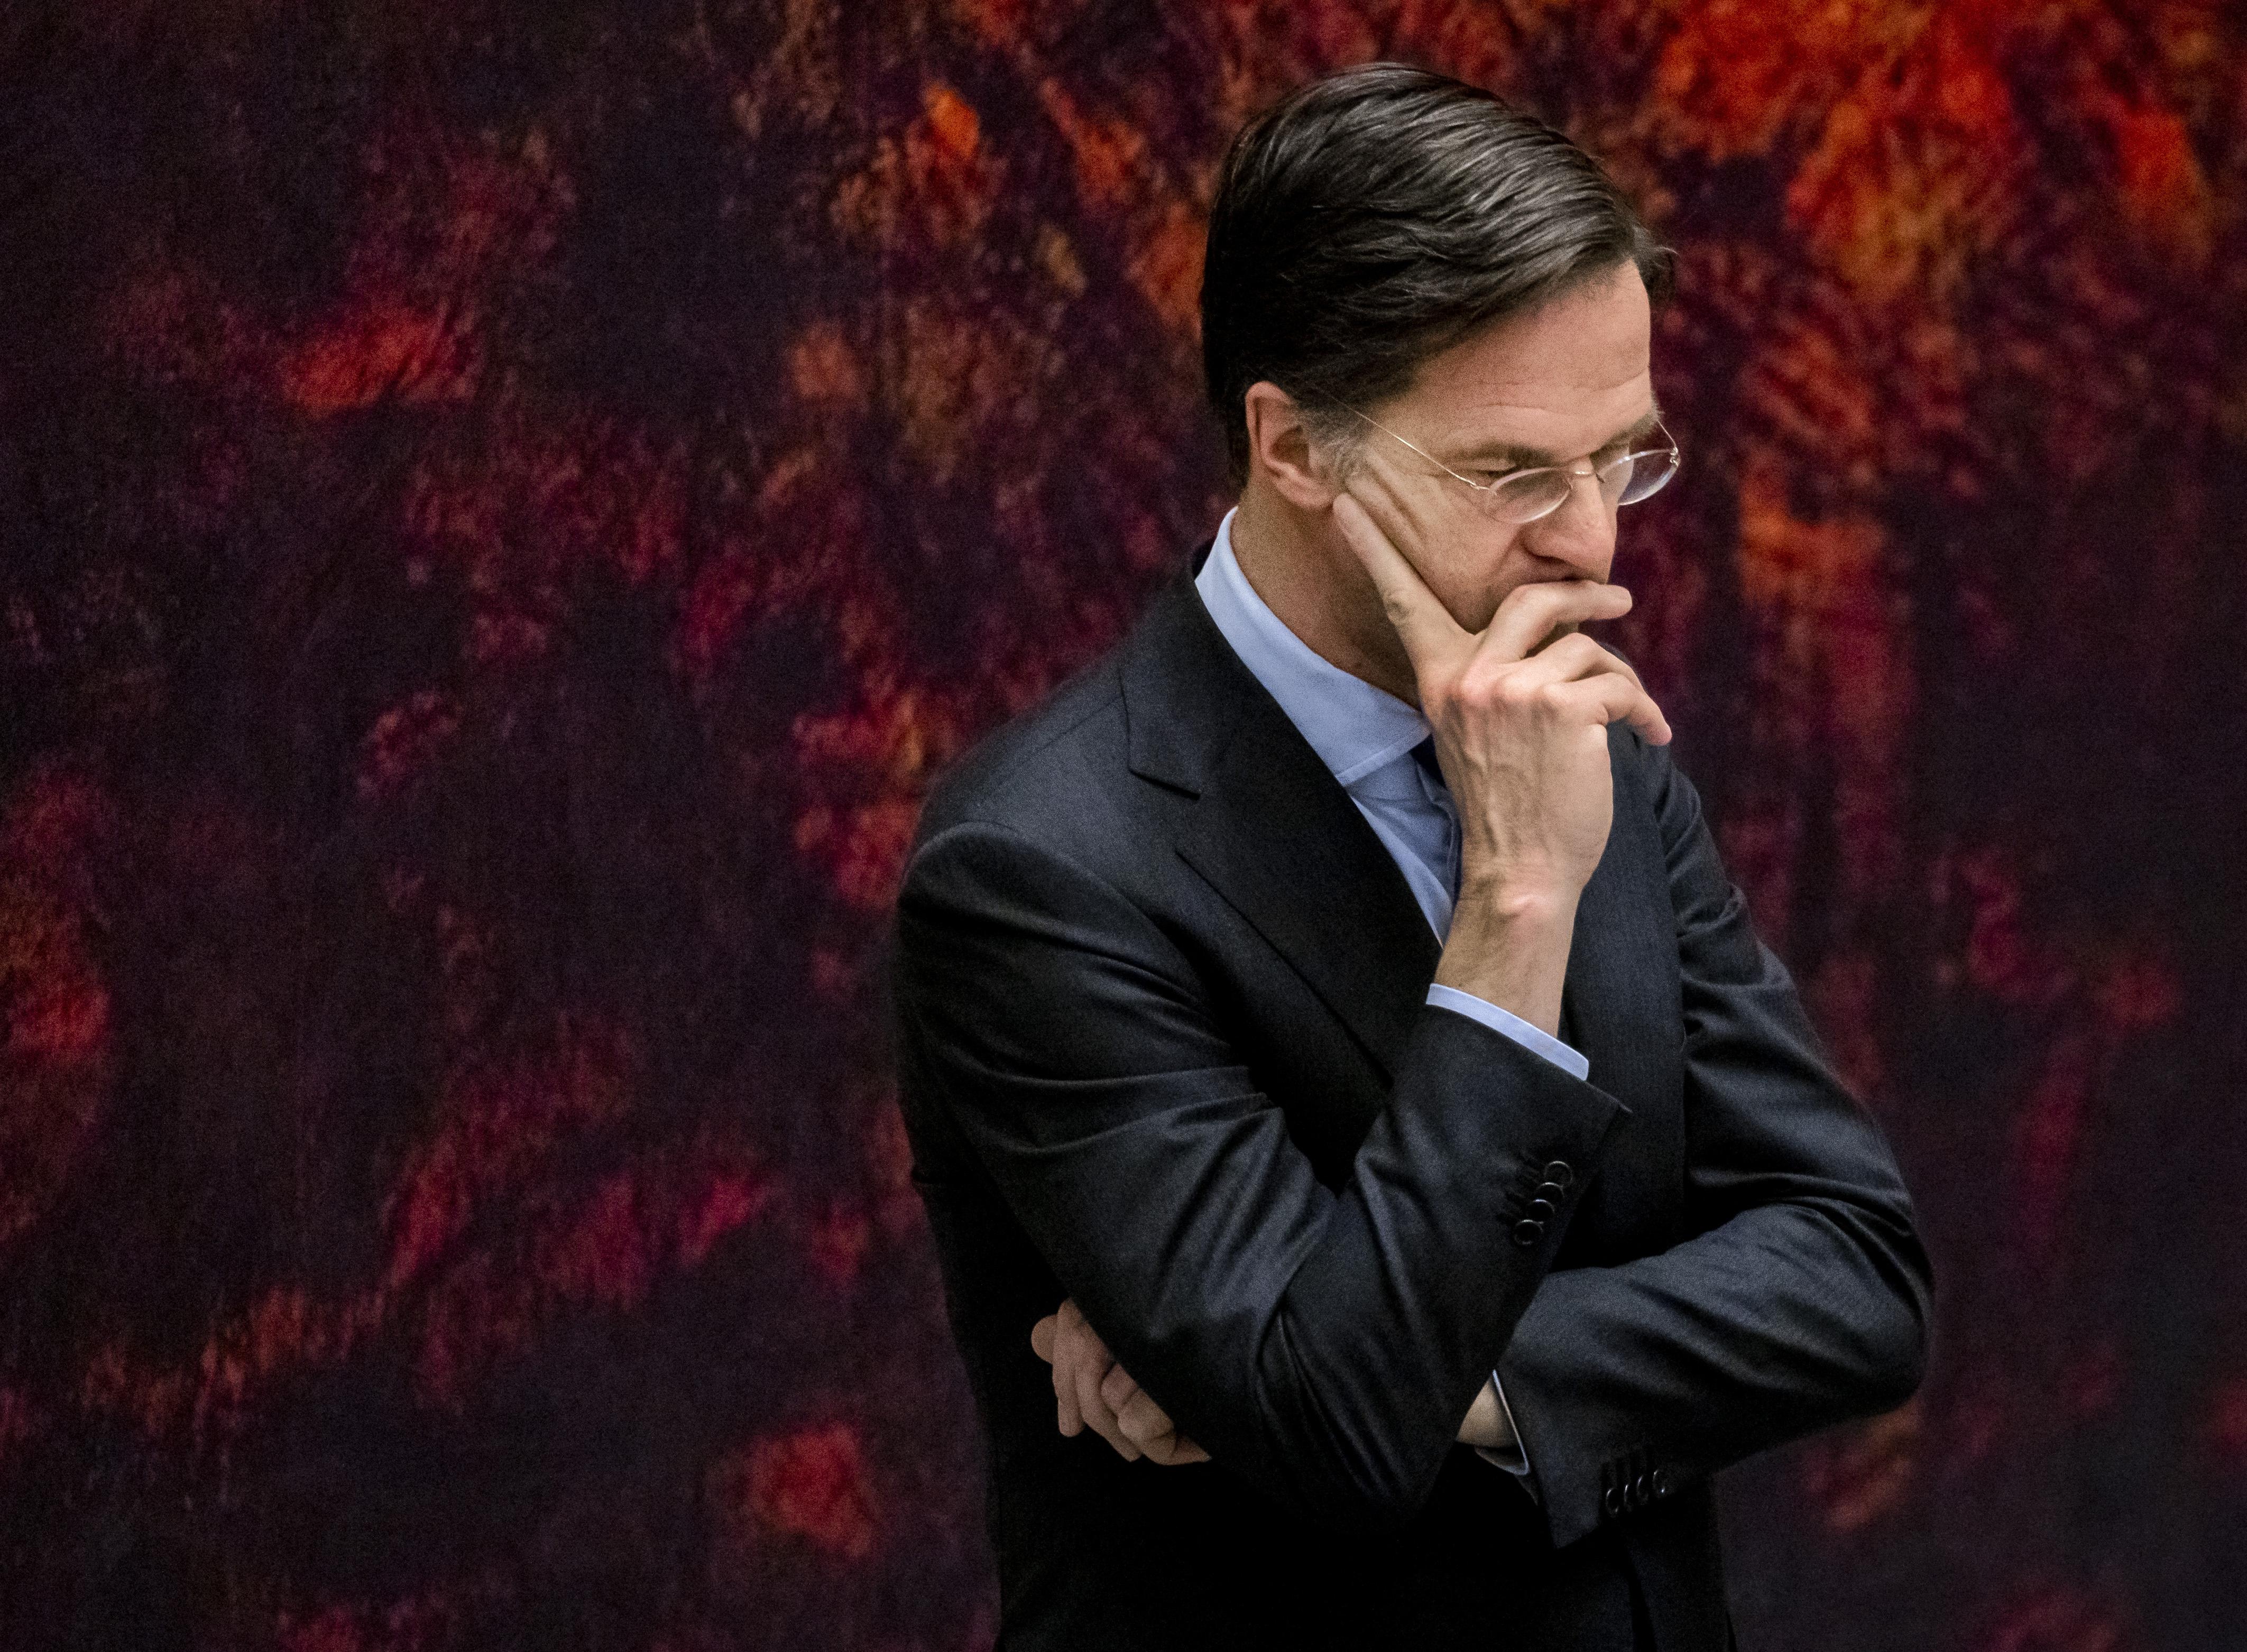 Mark Rutte túlélte a bizalmatlansági szavazást a holland parlamentben, de egyáltalán nem biztos, hogy kormányt alakíthat